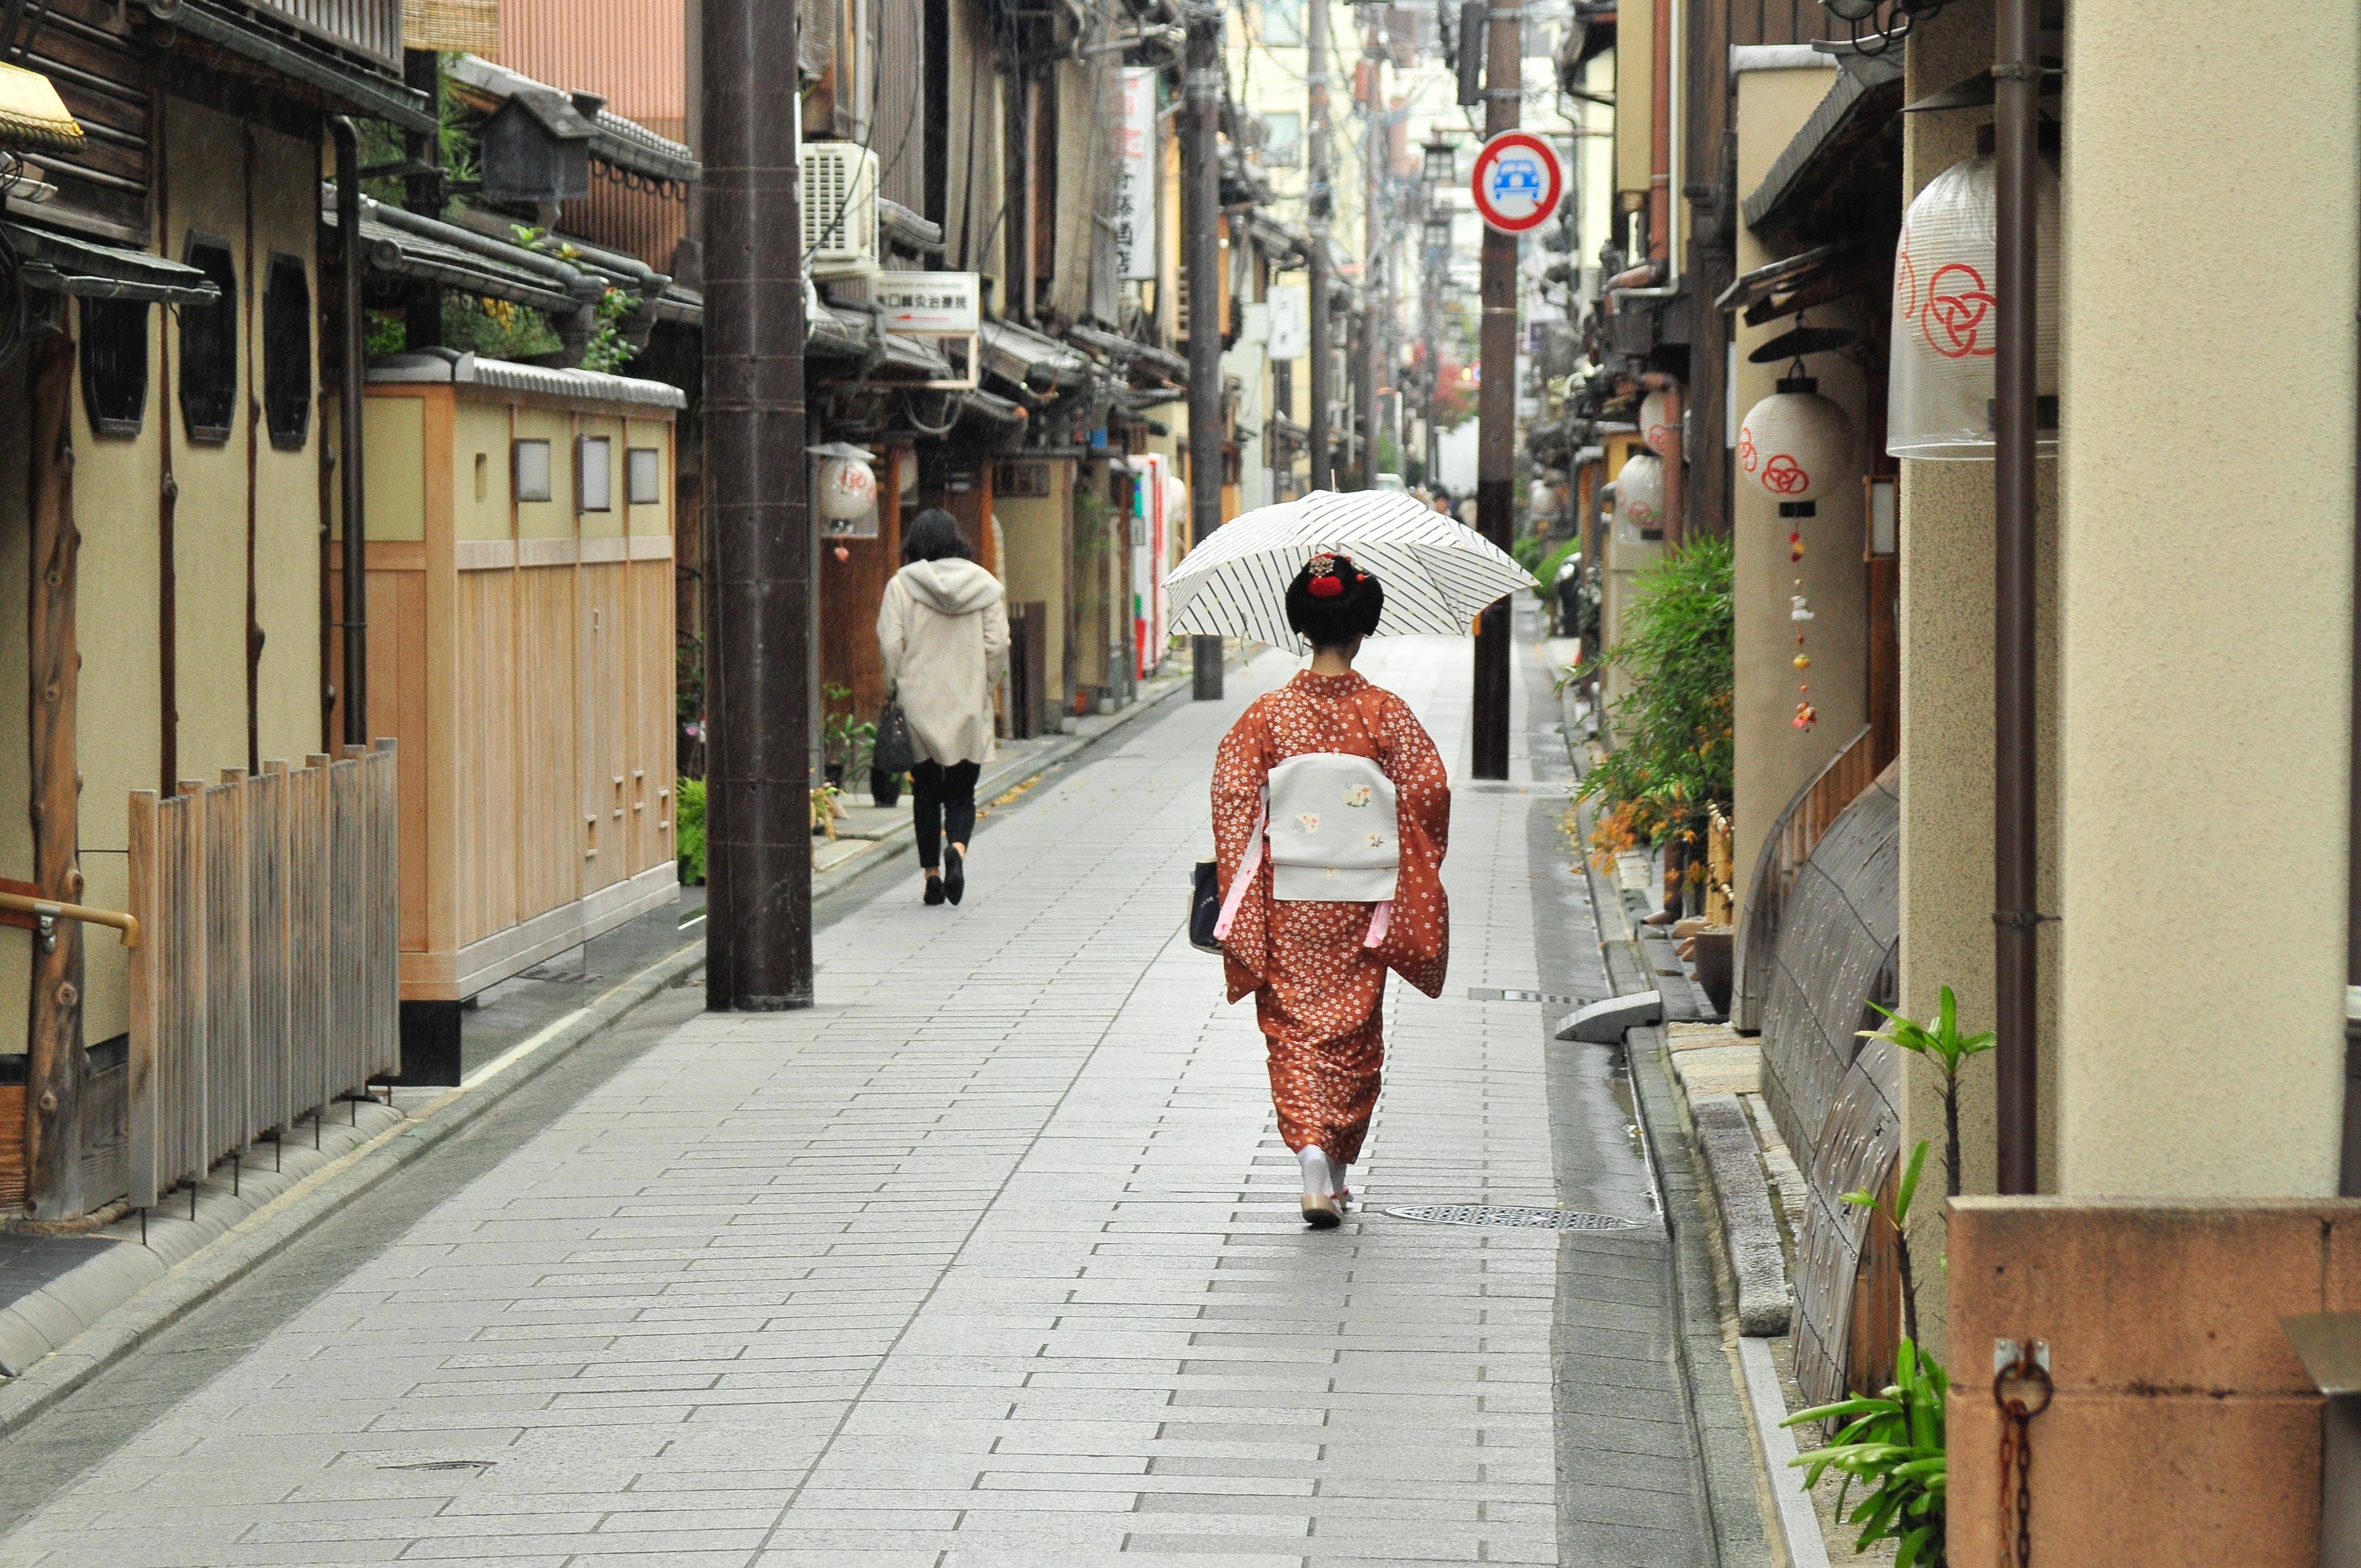 京都弁のかわいい表現一覧!人気の京言葉は大阪弁とどう違う?